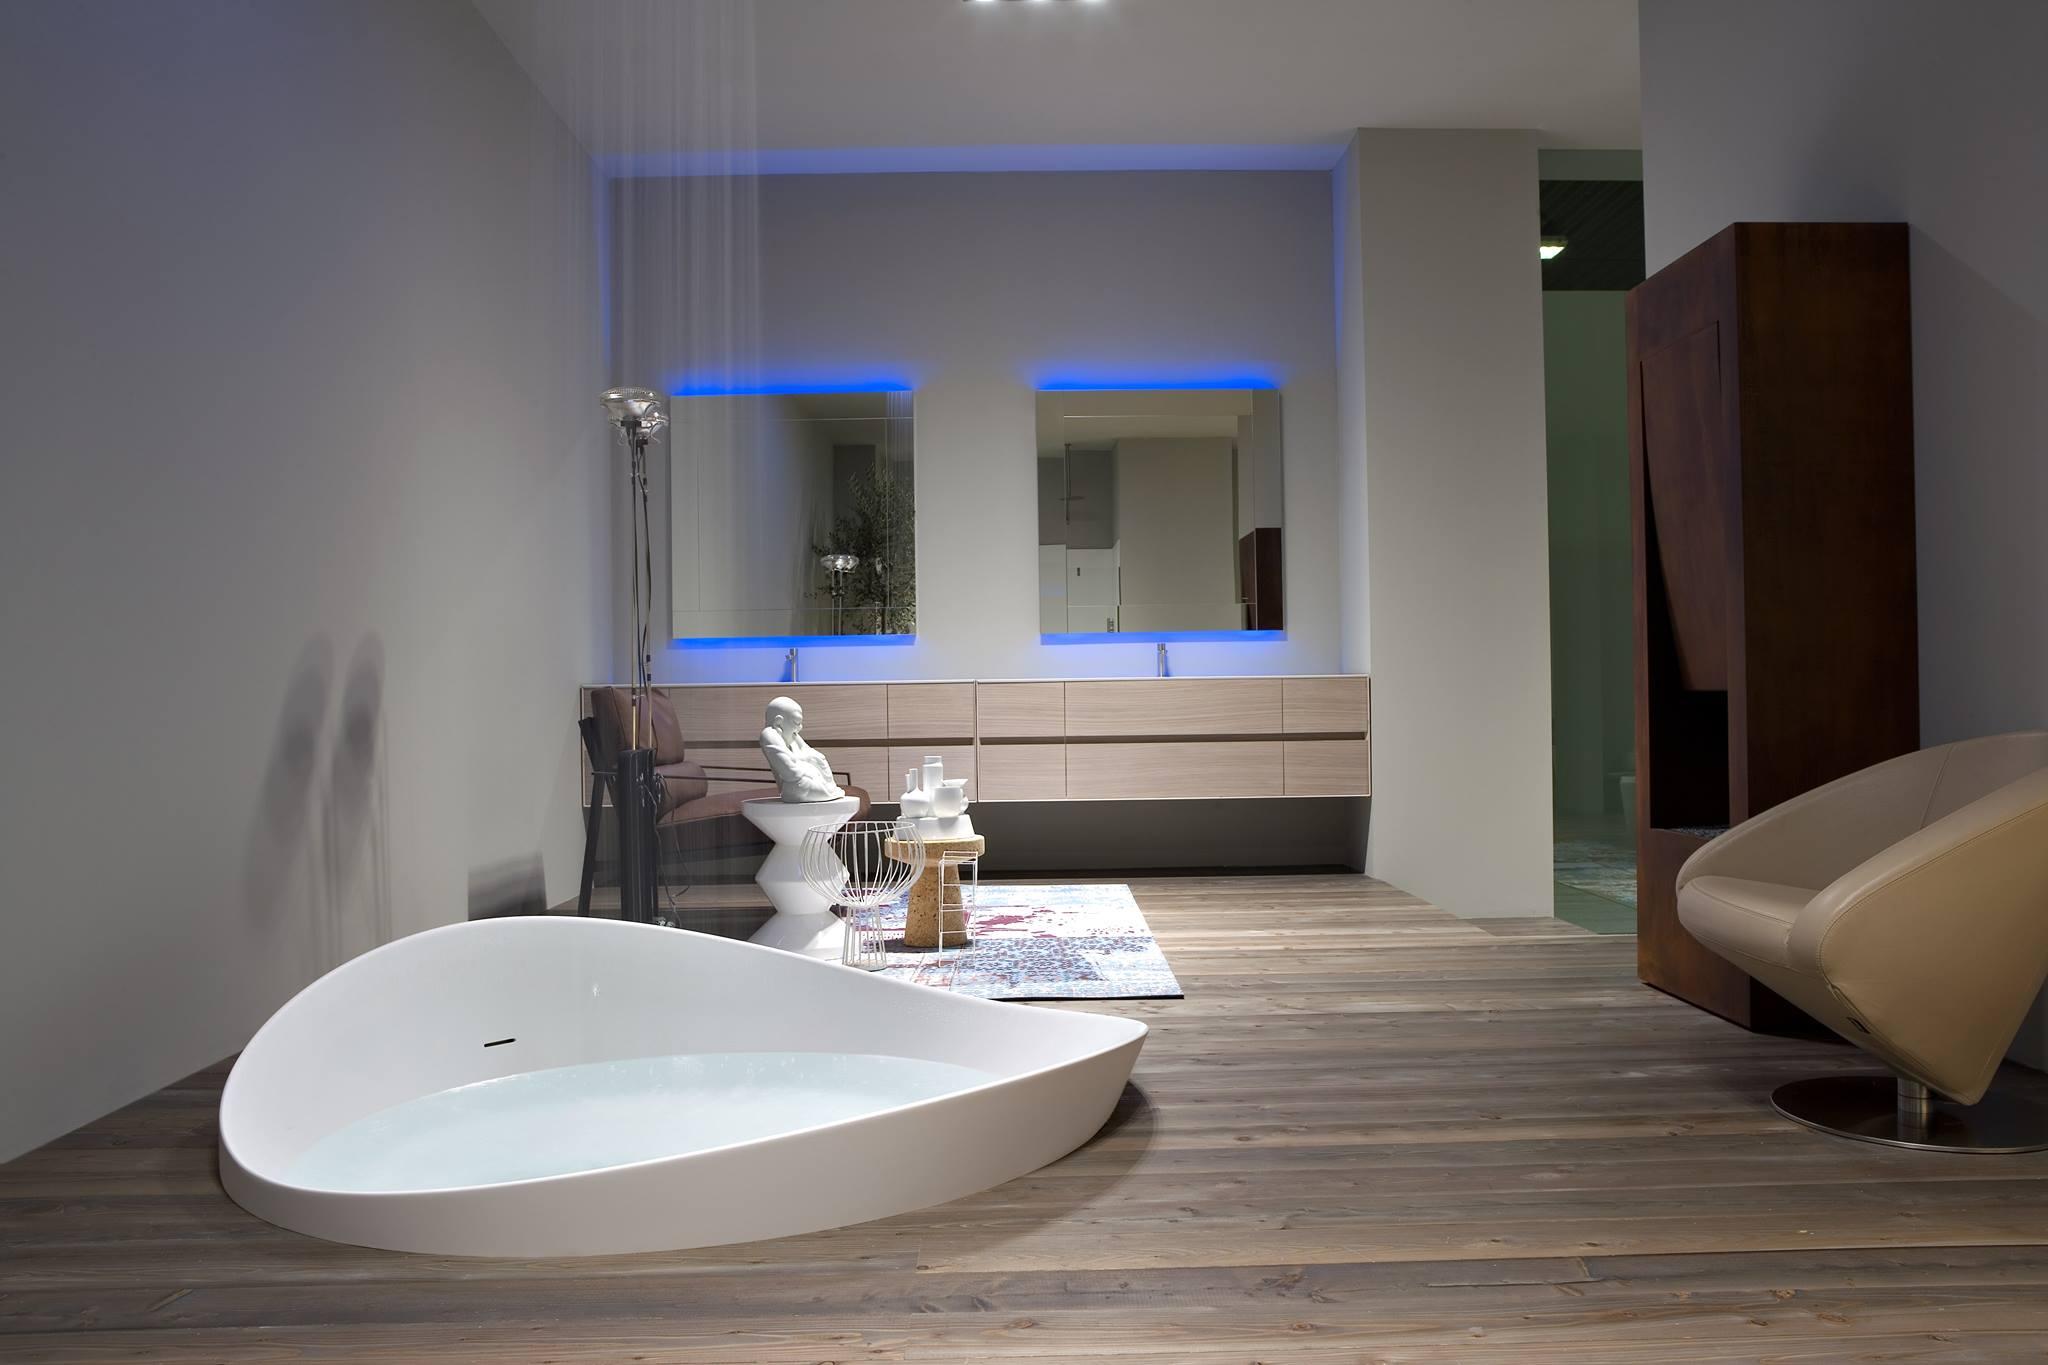 tubs spas designer 39 s plumbing. Black Bedroom Furniture Sets. Home Design Ideas